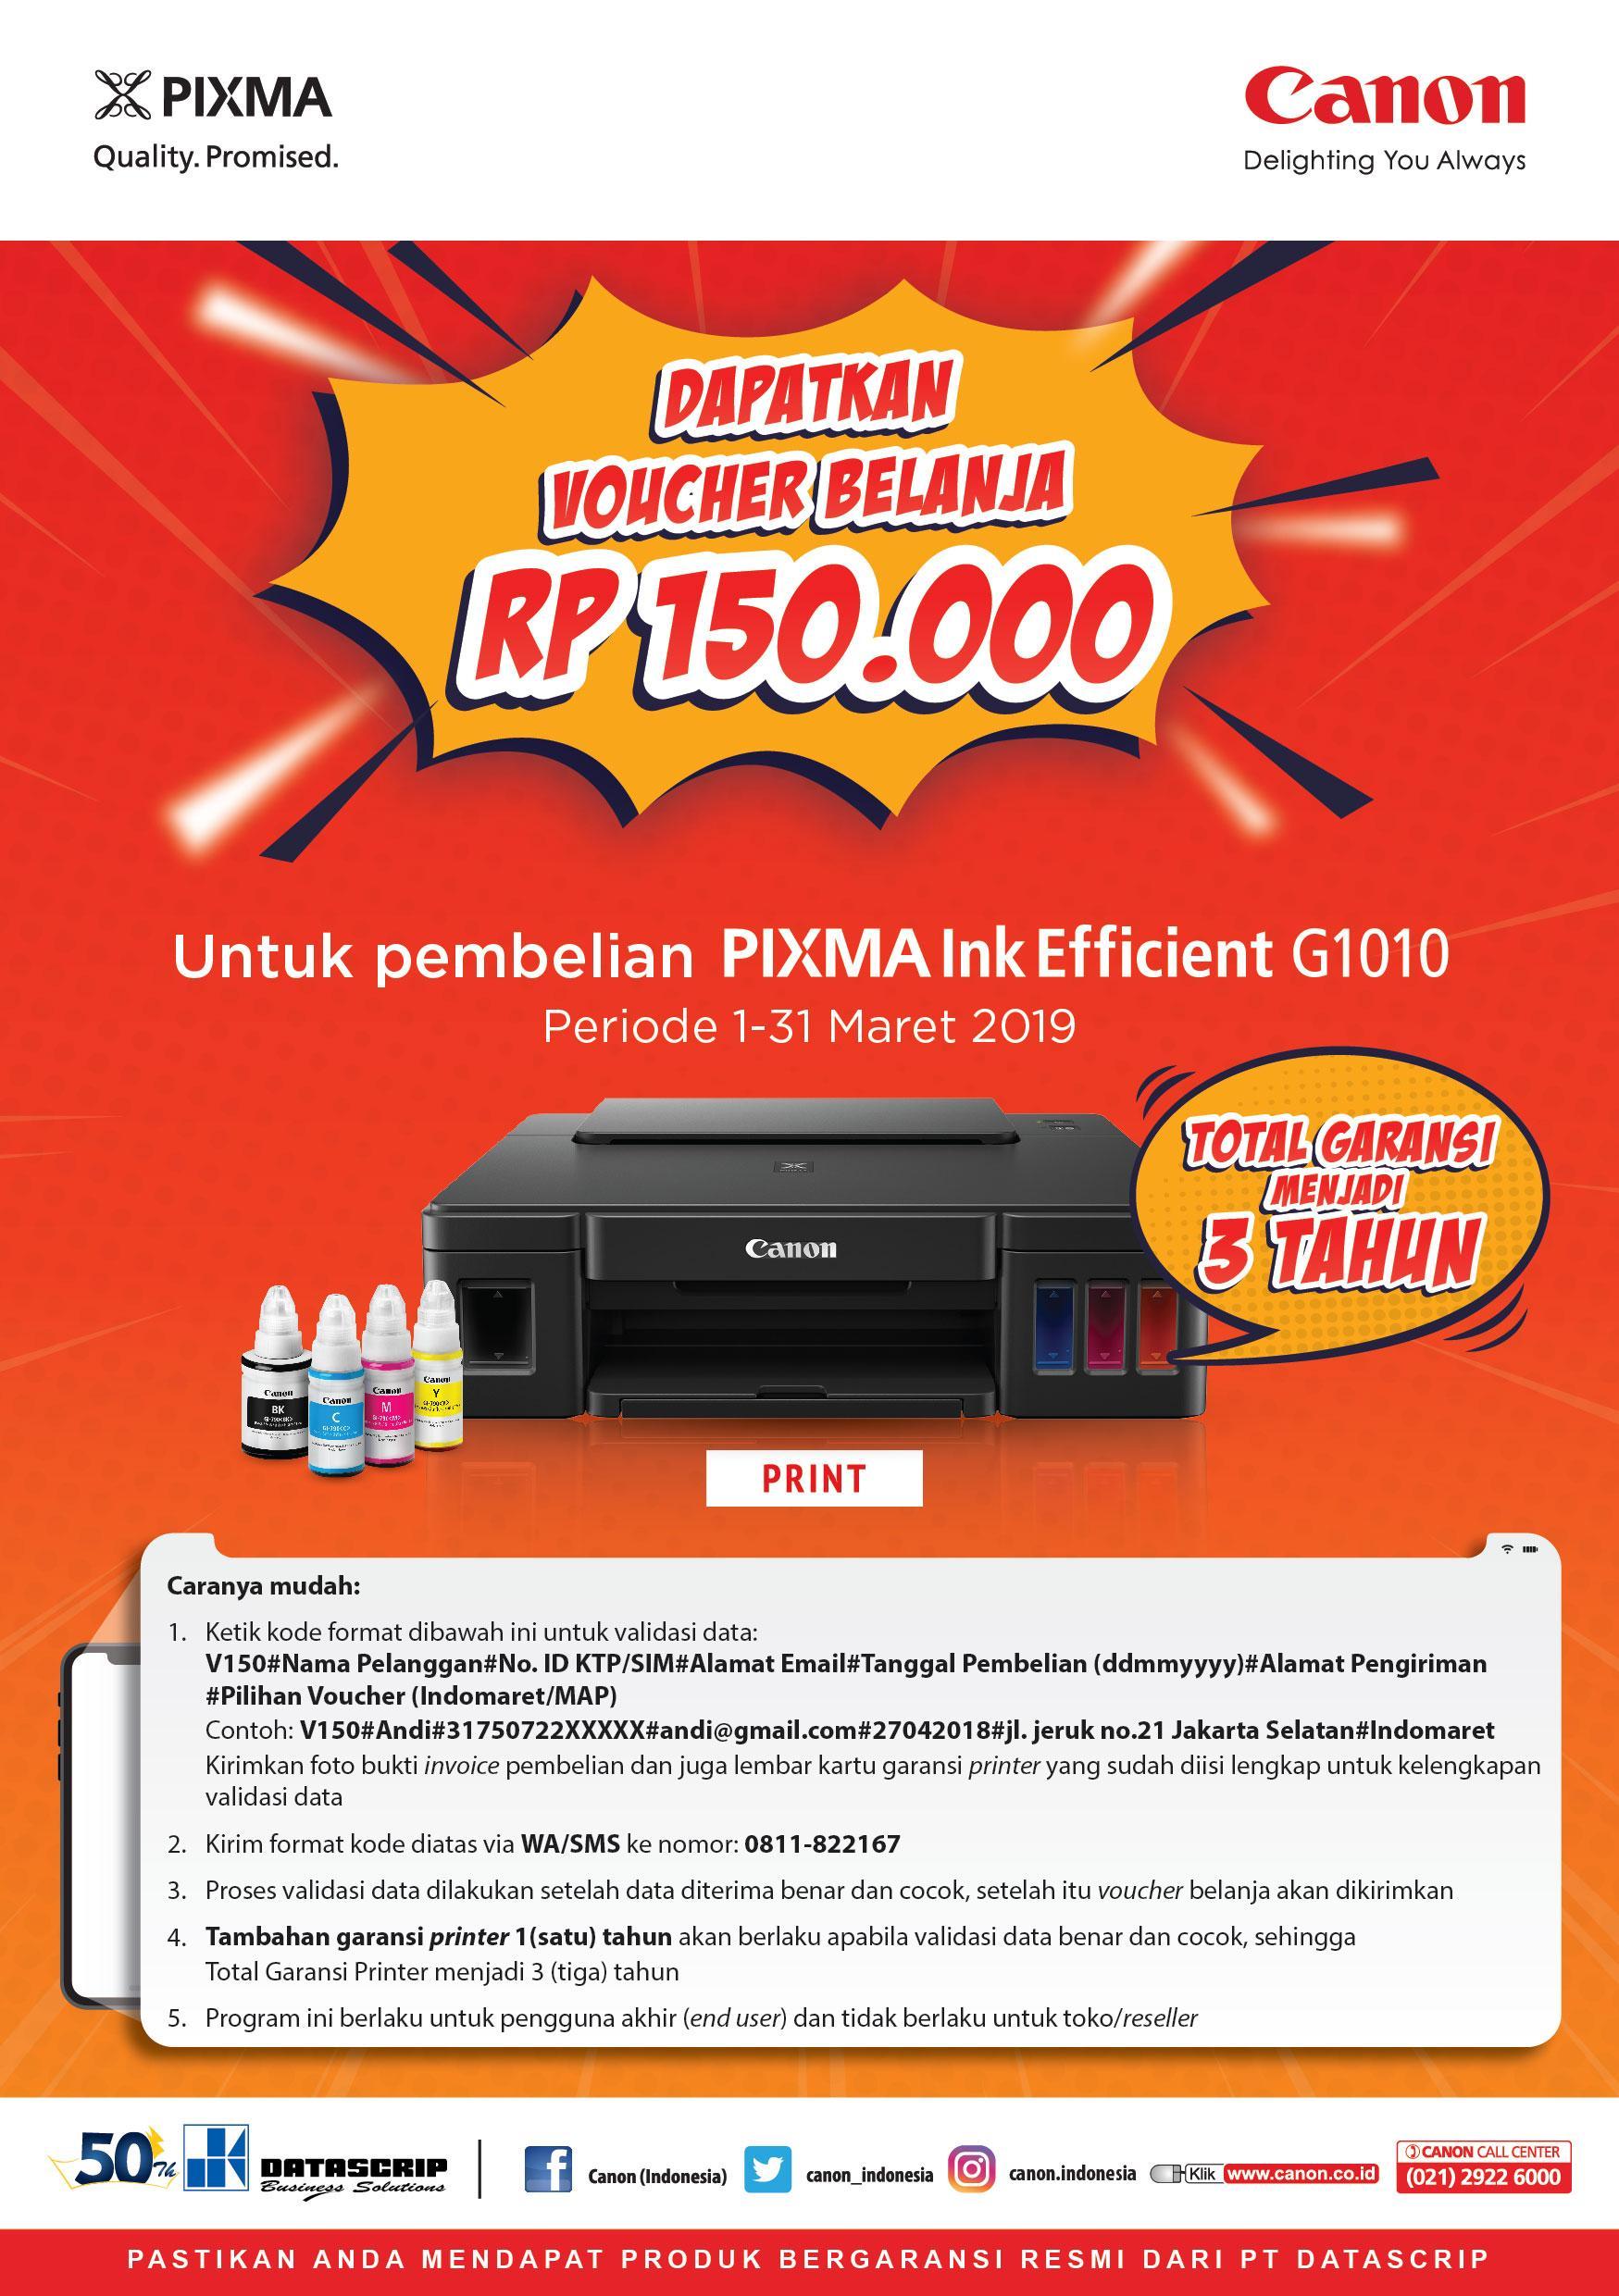 Canon PIXMA G1010 (Print) - Black